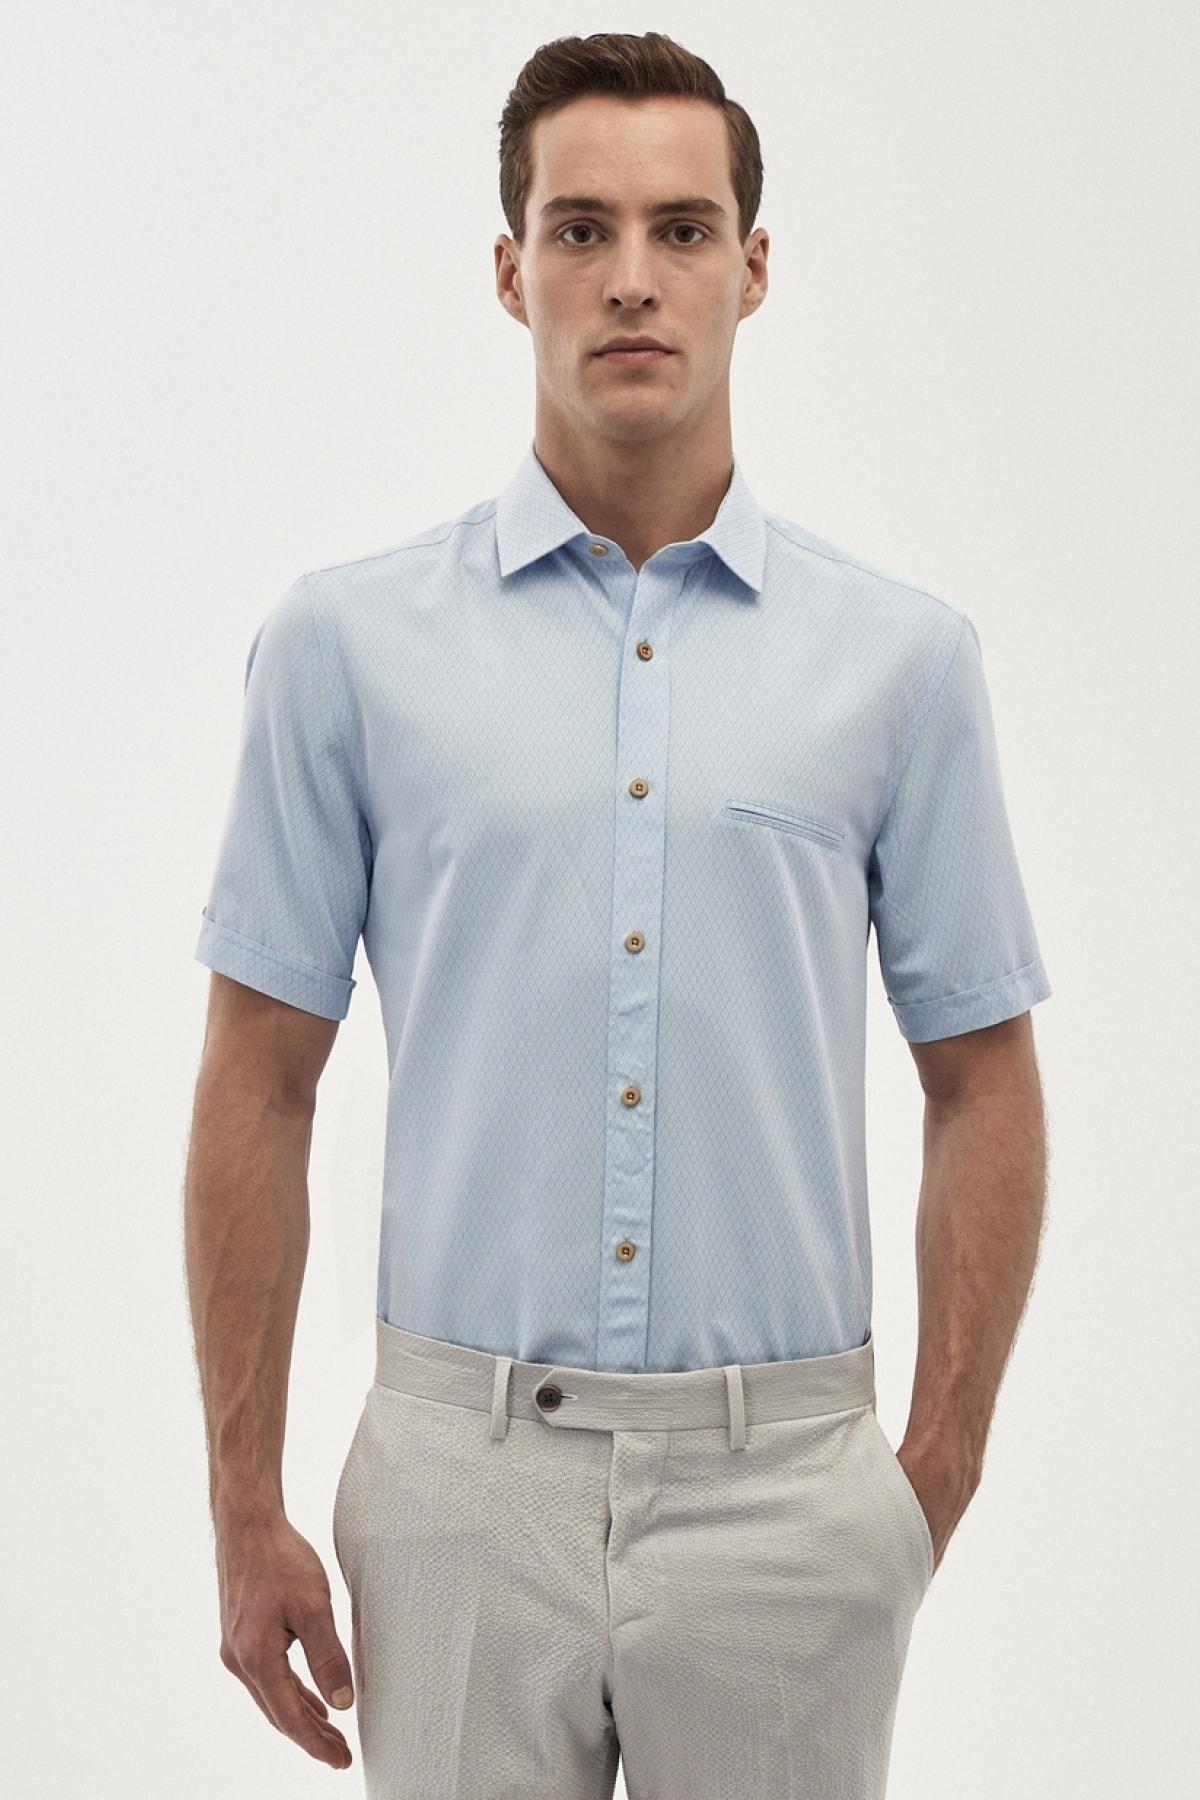 فروش پیراهن کلاسیک جدید برند آلتین ییلدیز رنگ آبی کد ty5616890